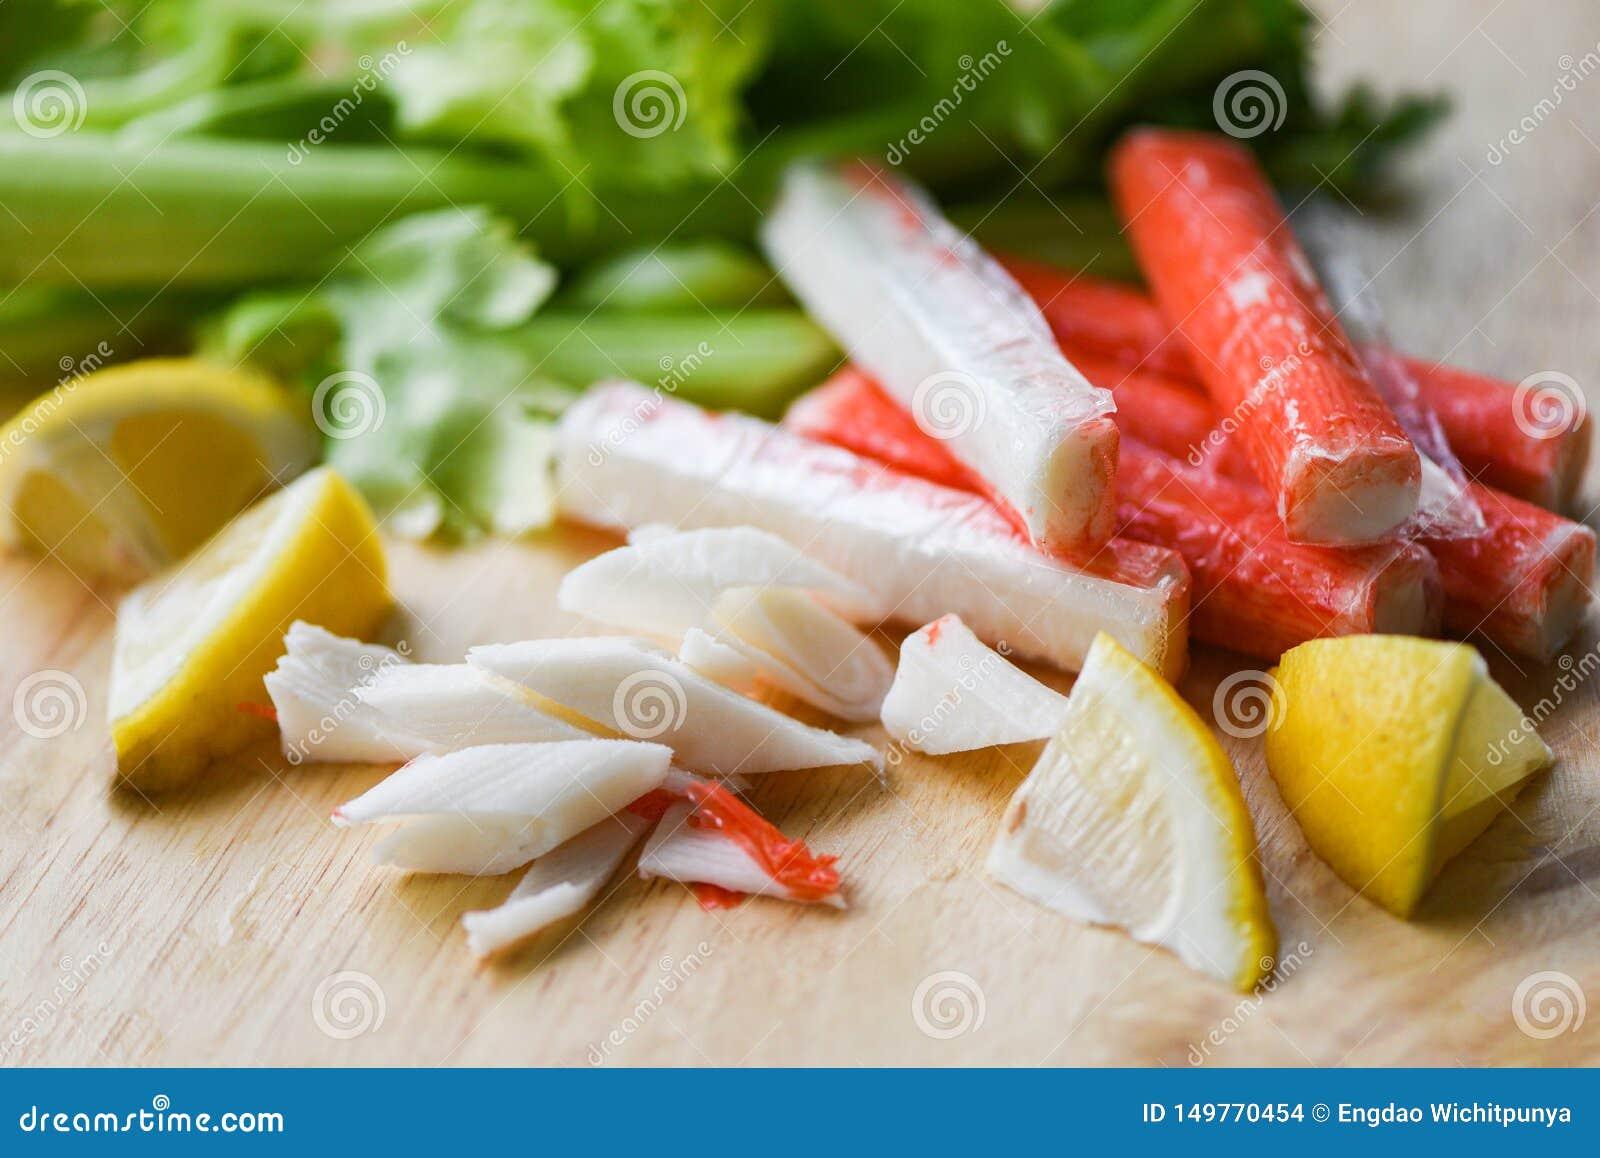 螃蟹棍子用柠檬和新鲜的芹菜菜在木板材